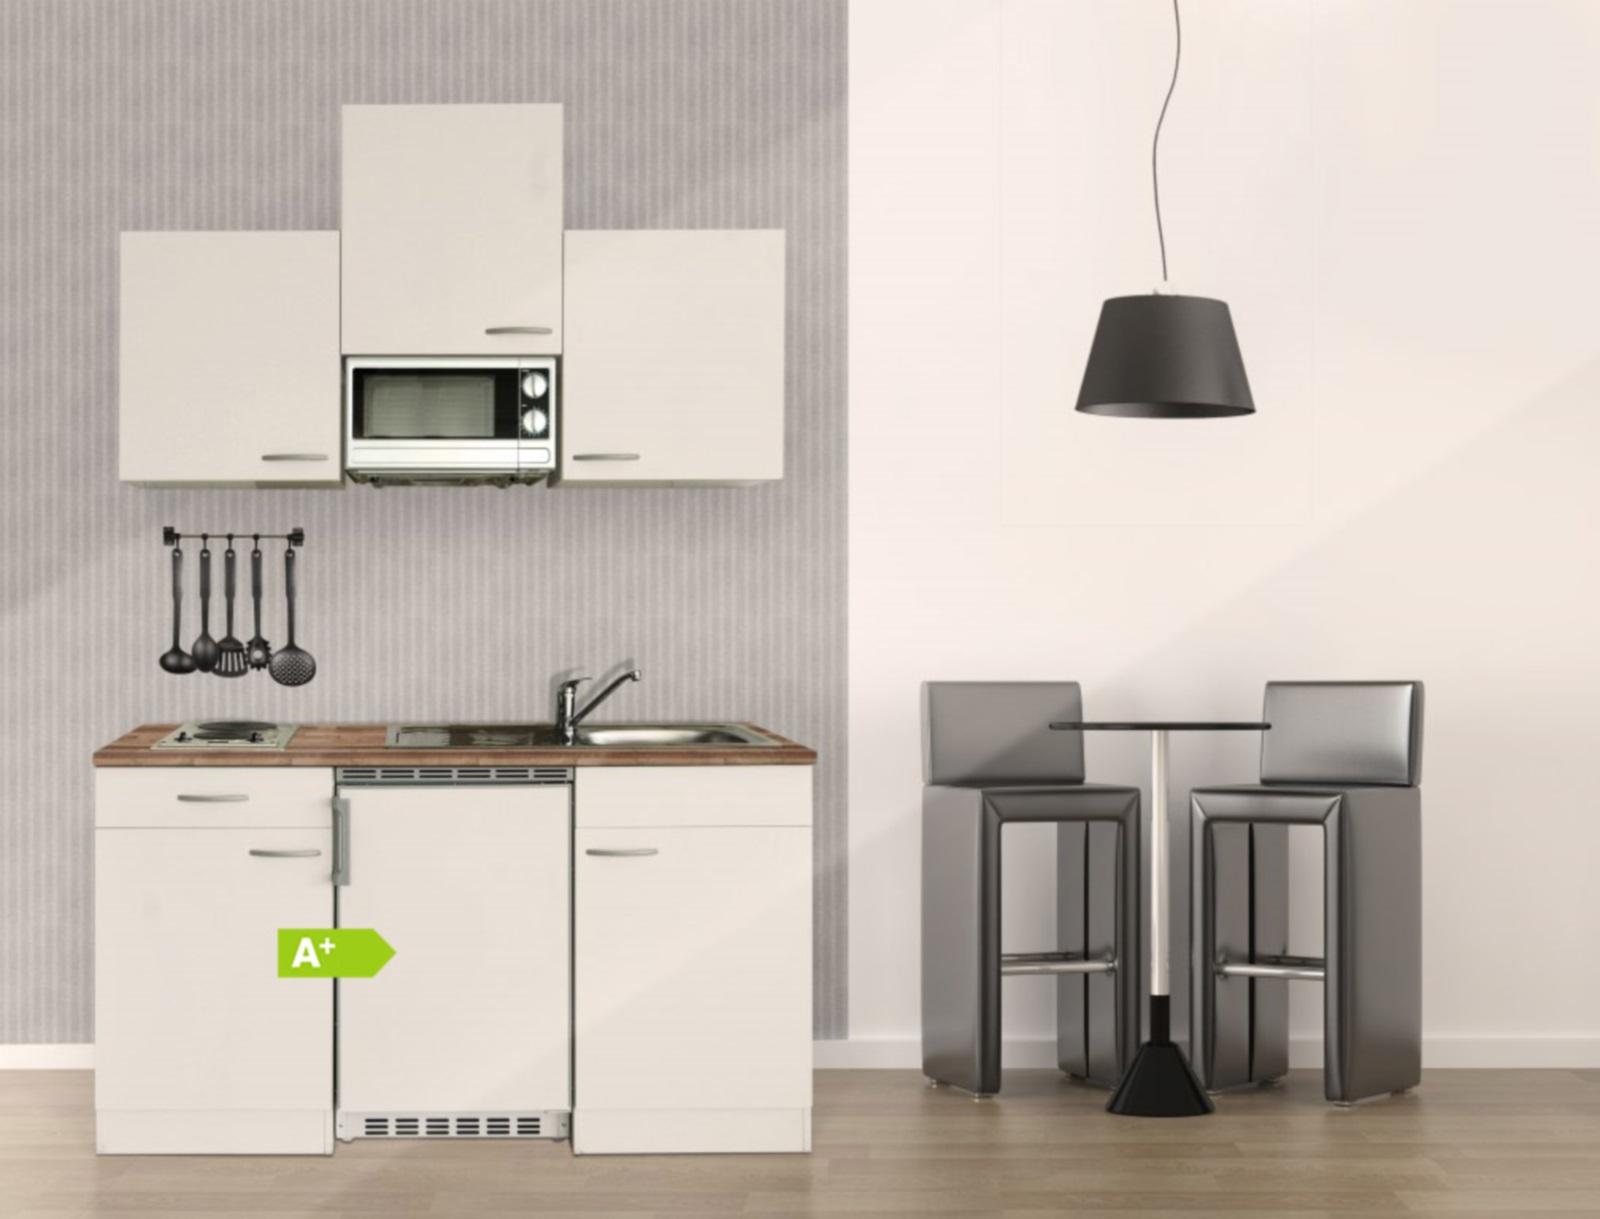 Miniküche Mit Ceranfeld Ohne Kühlschrank : Respekta single mini küche küchenzeile küchenblock 150 cm weiss grau